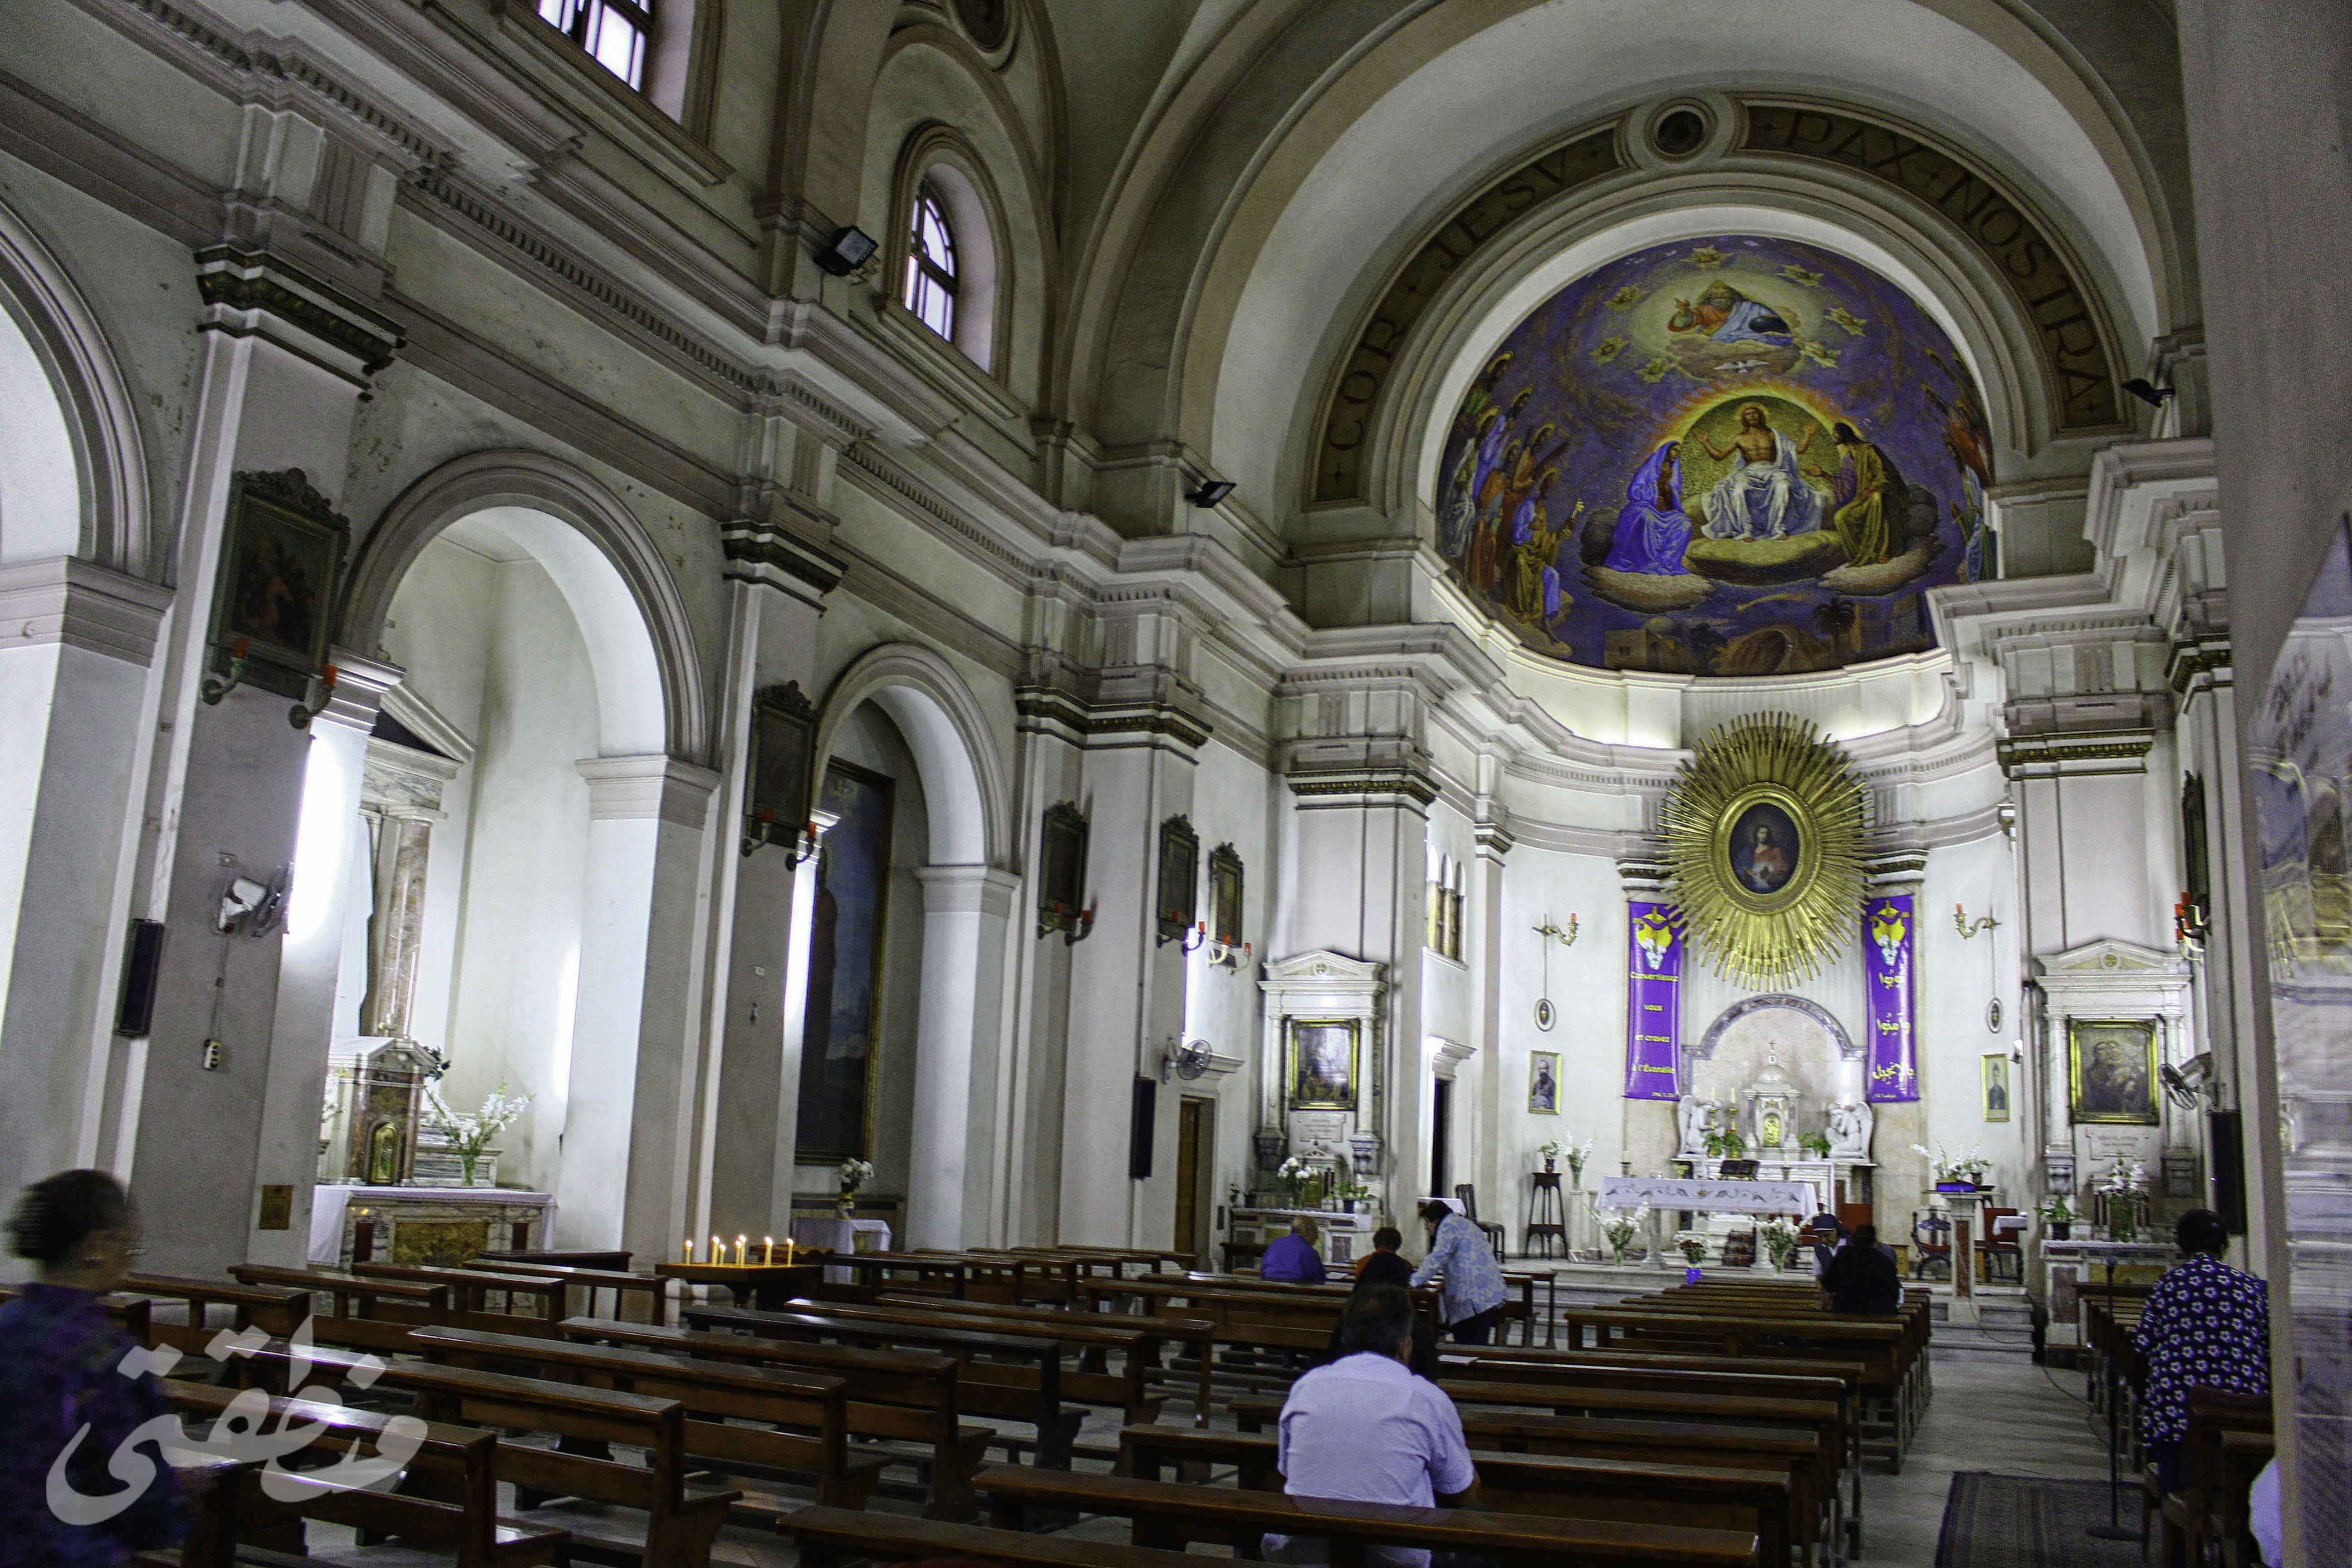 كنيسة كوردي ييزو من الداخل - تصوير - صديق البخشونجي